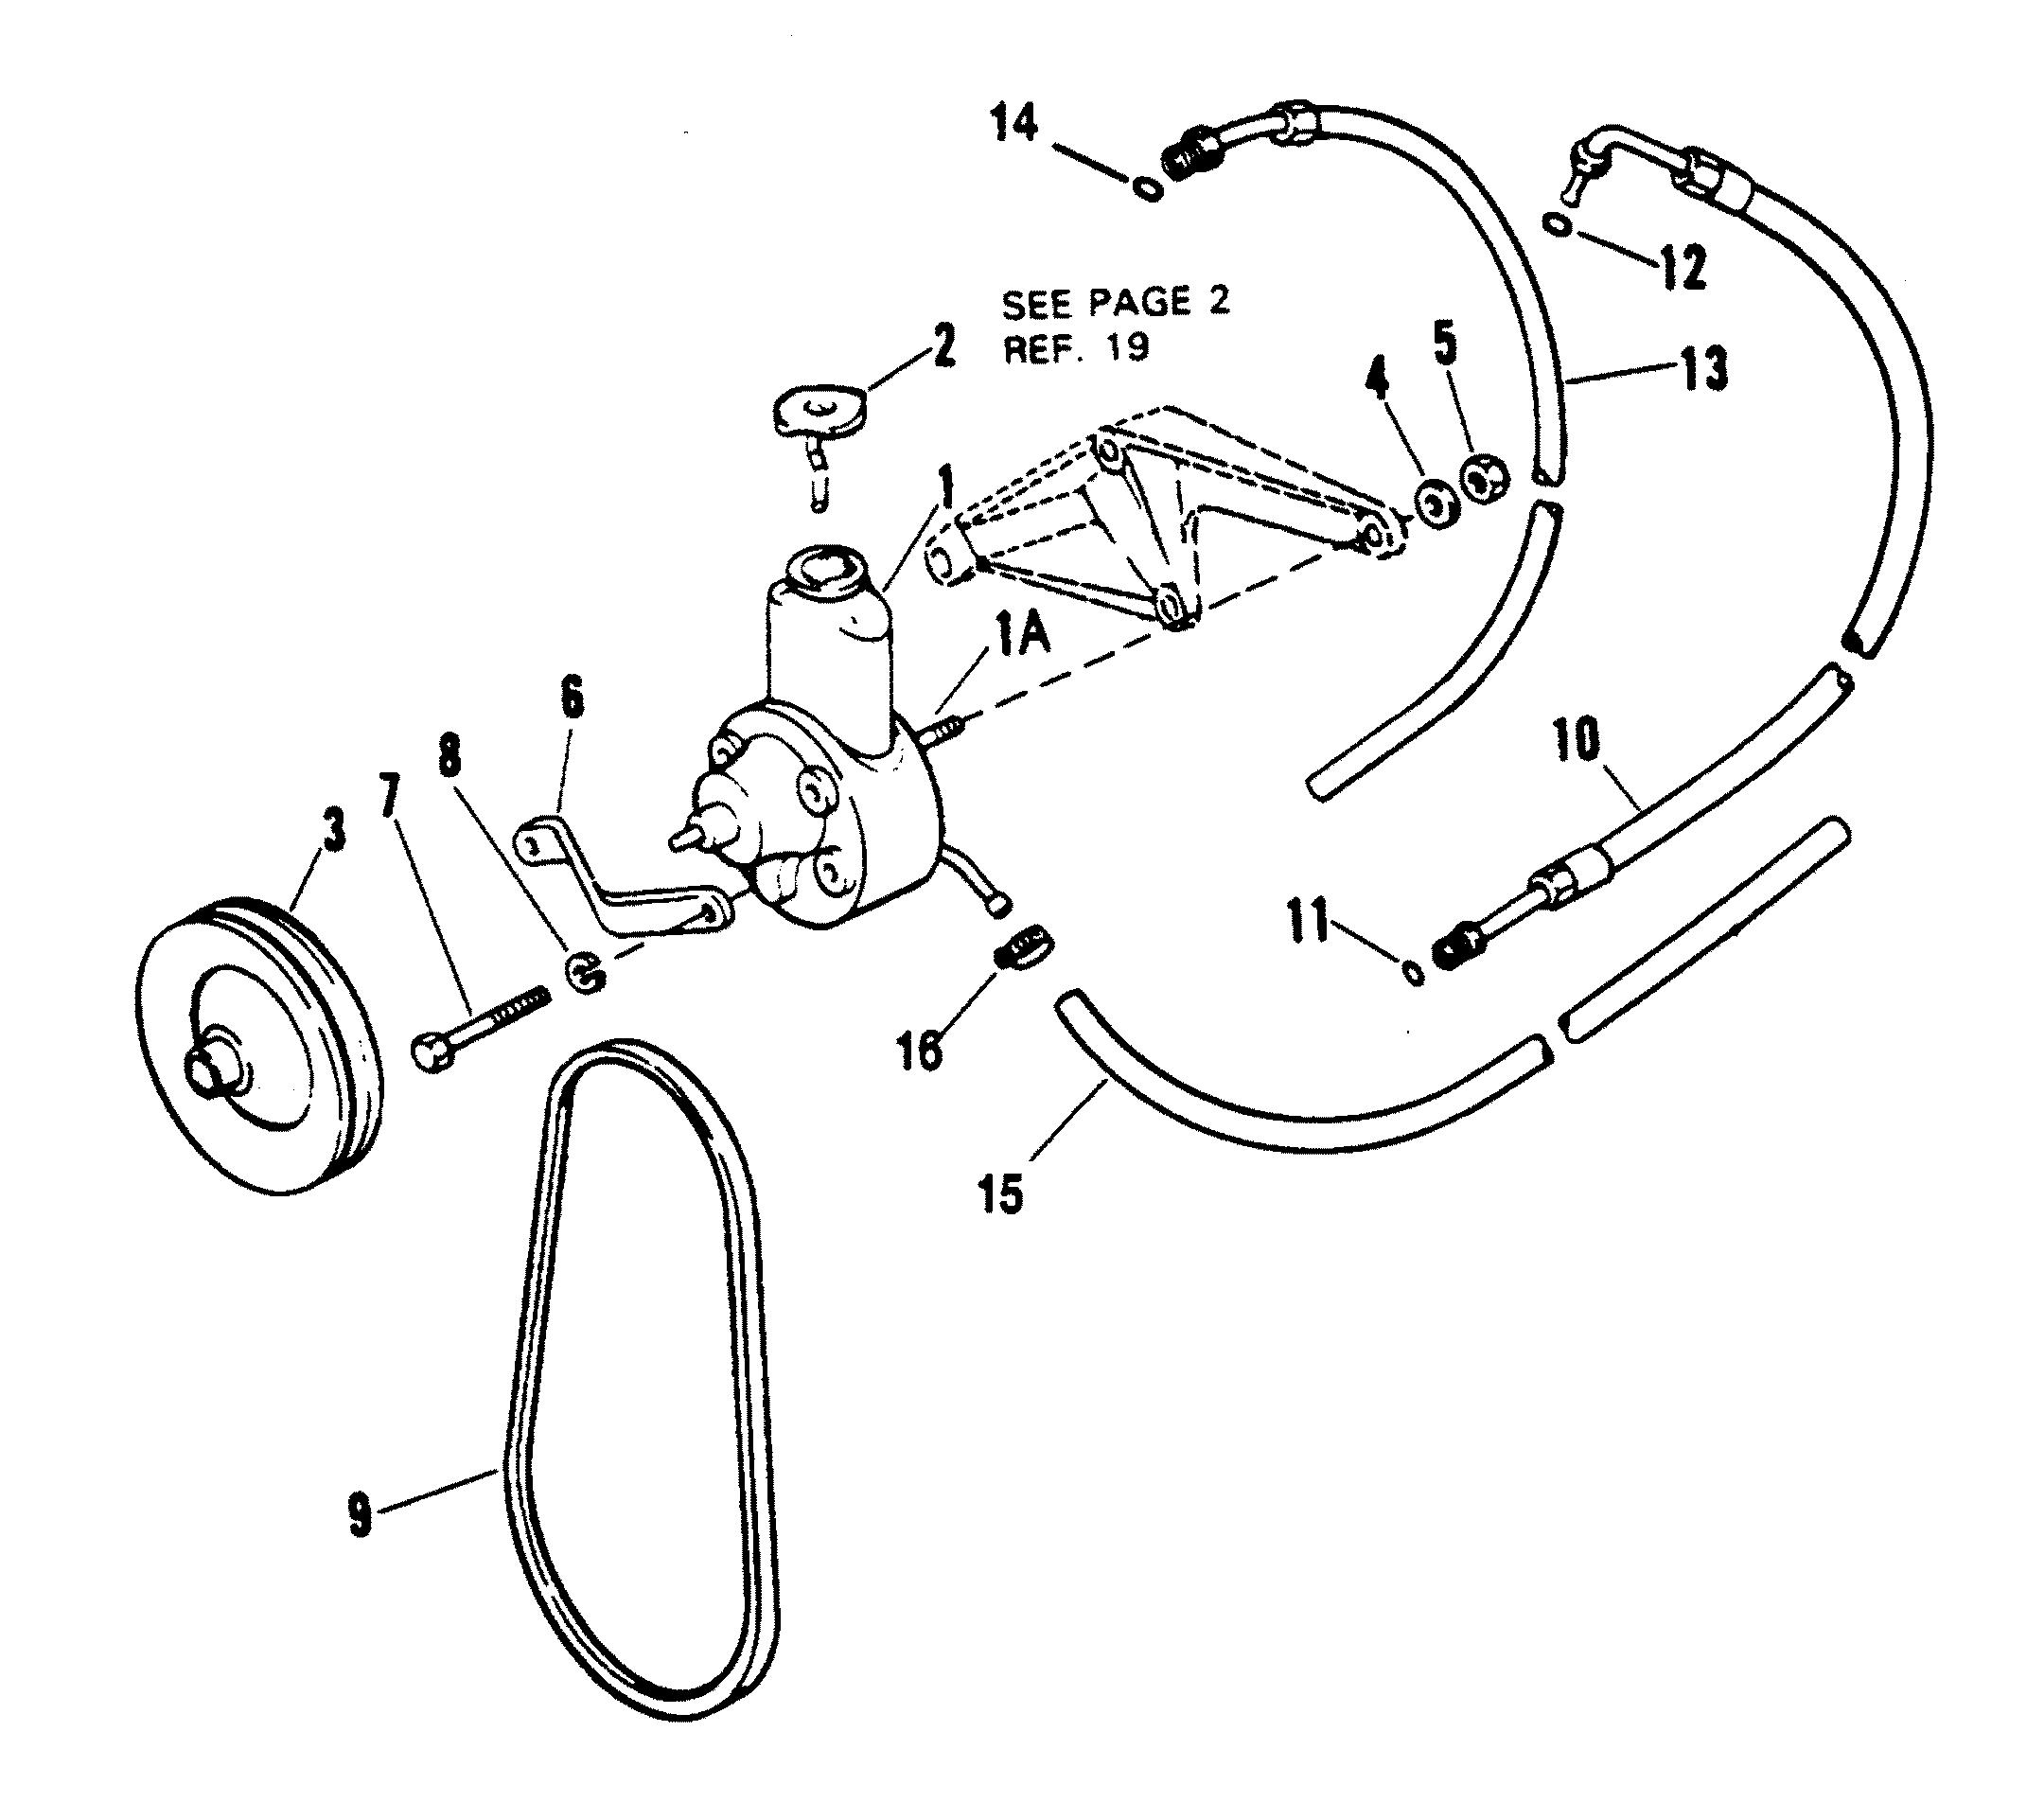 Power Steering Components For Mercruiser 454 Mag Bravo Gen V